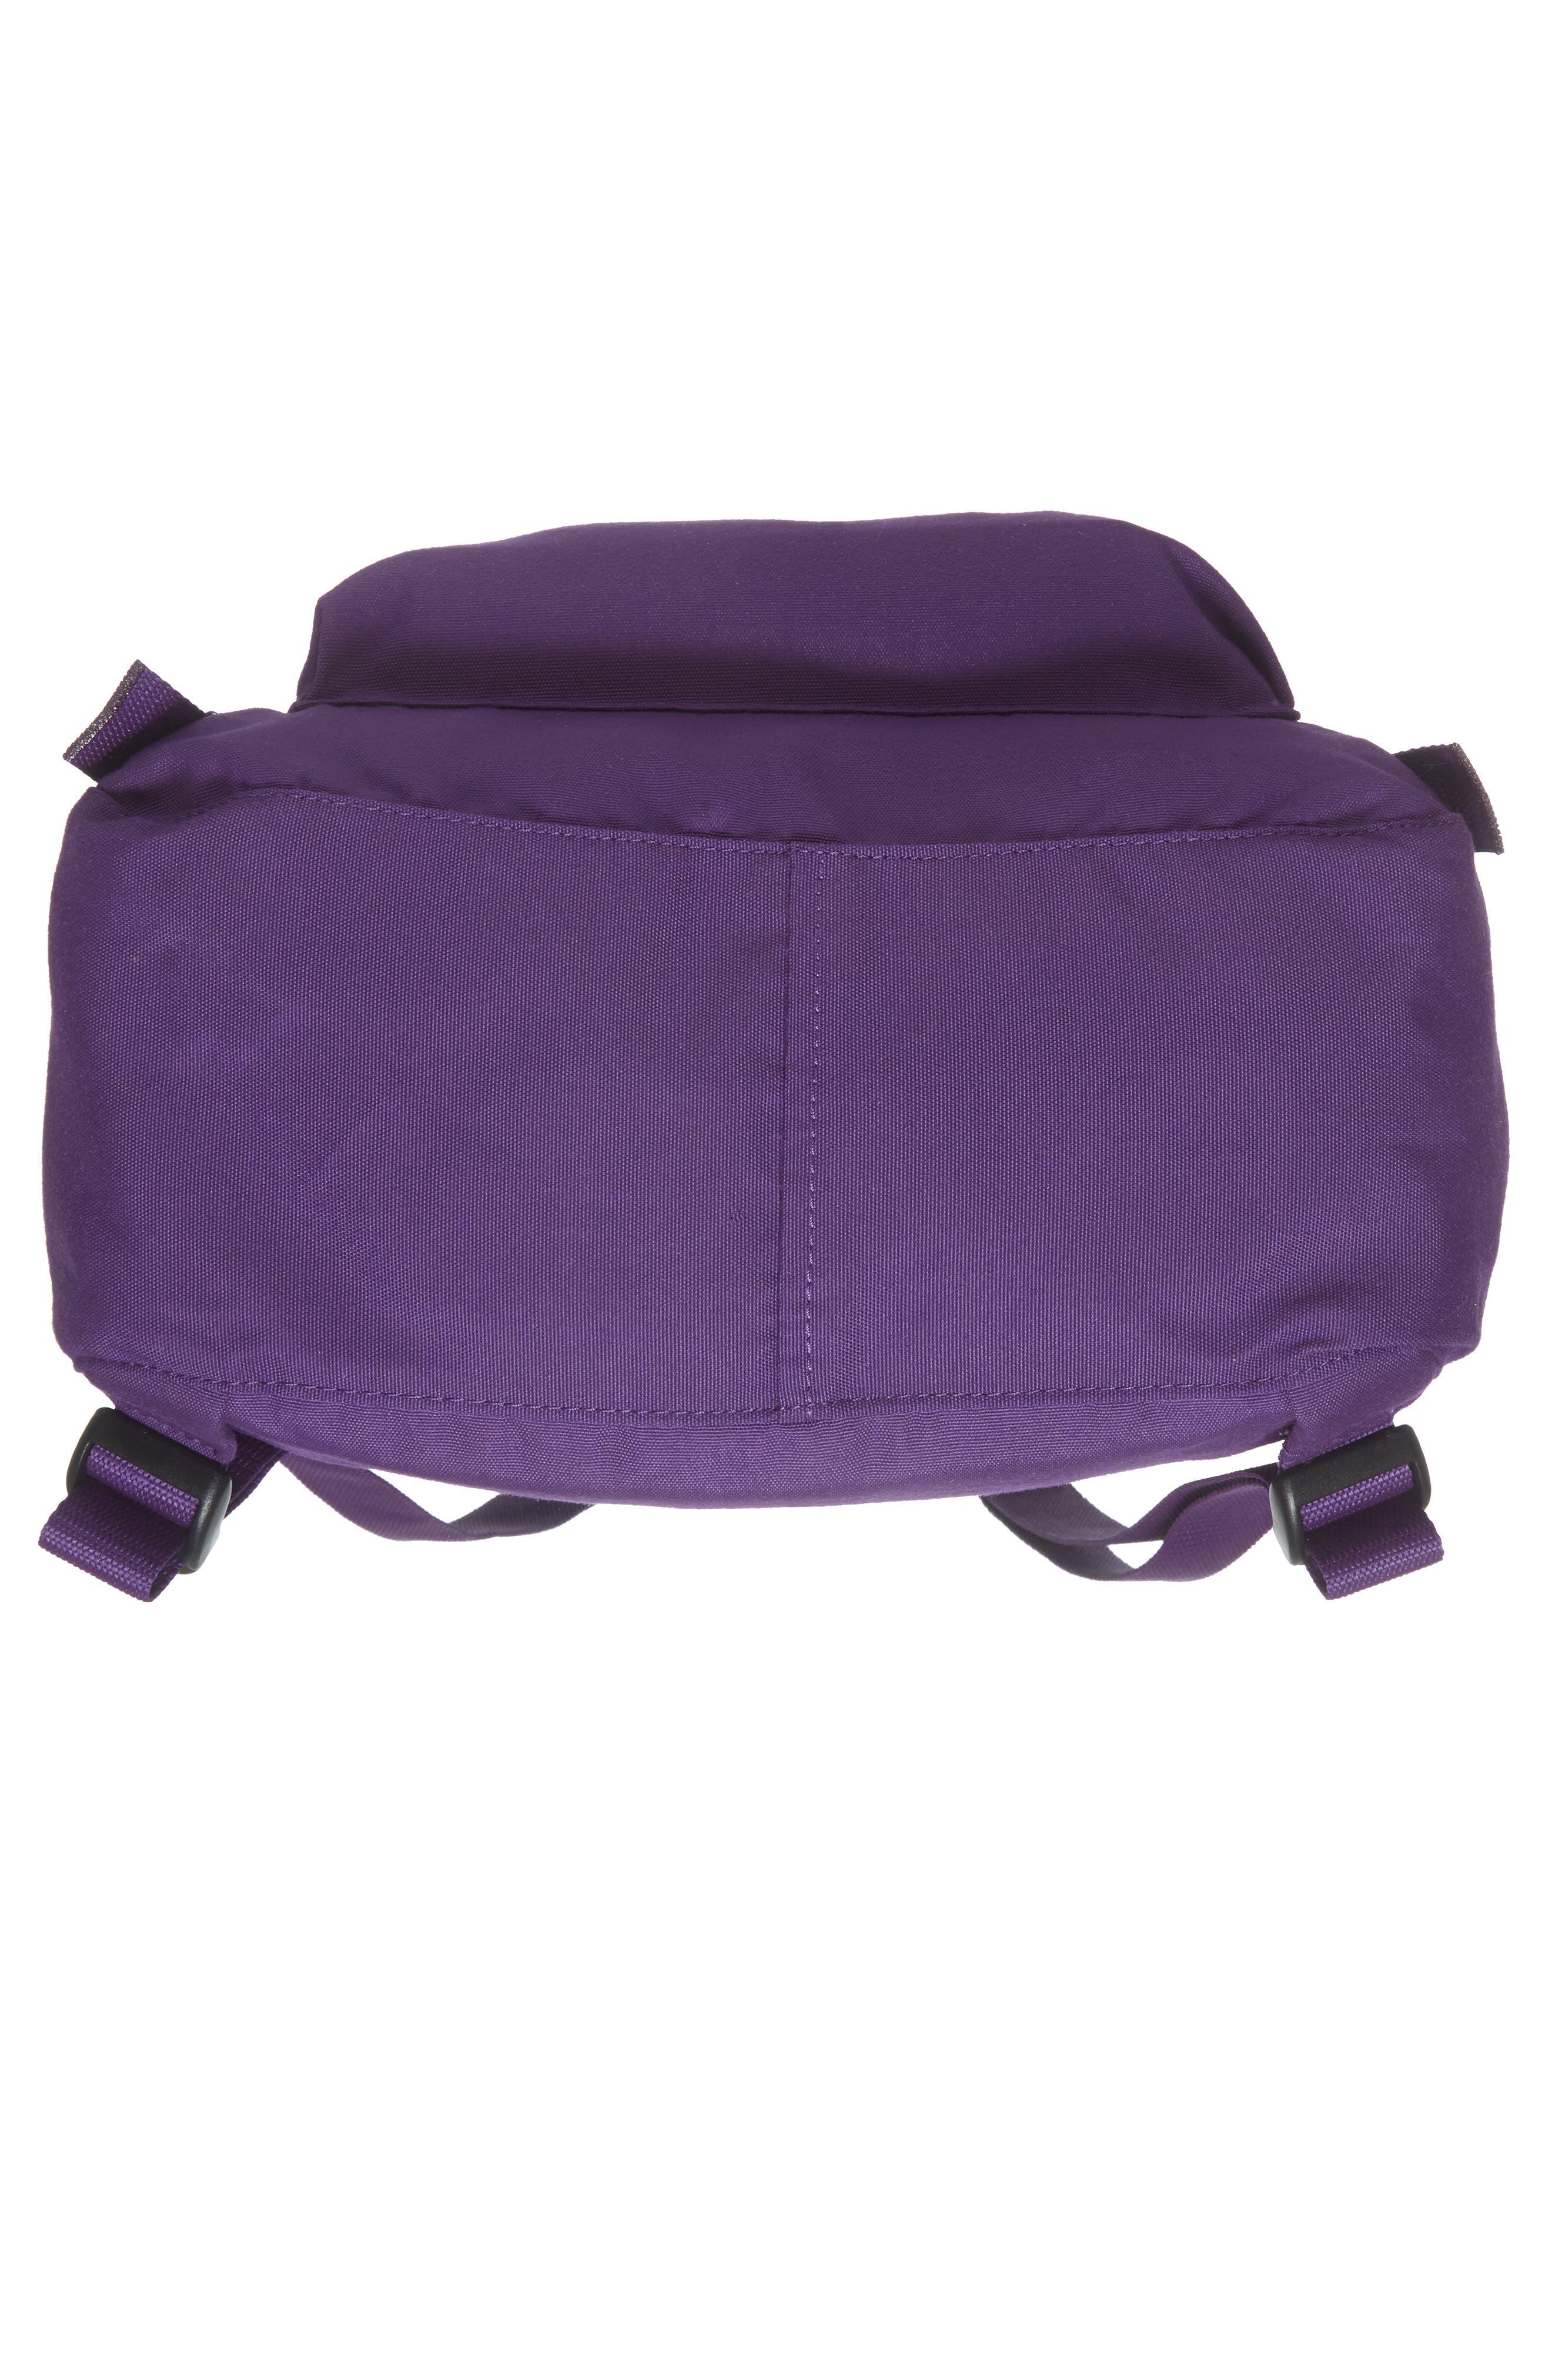 Re-Kånken Water Resistant Backpack,                             Alternate thumbnail 6, color,                             DEEP VIOLET